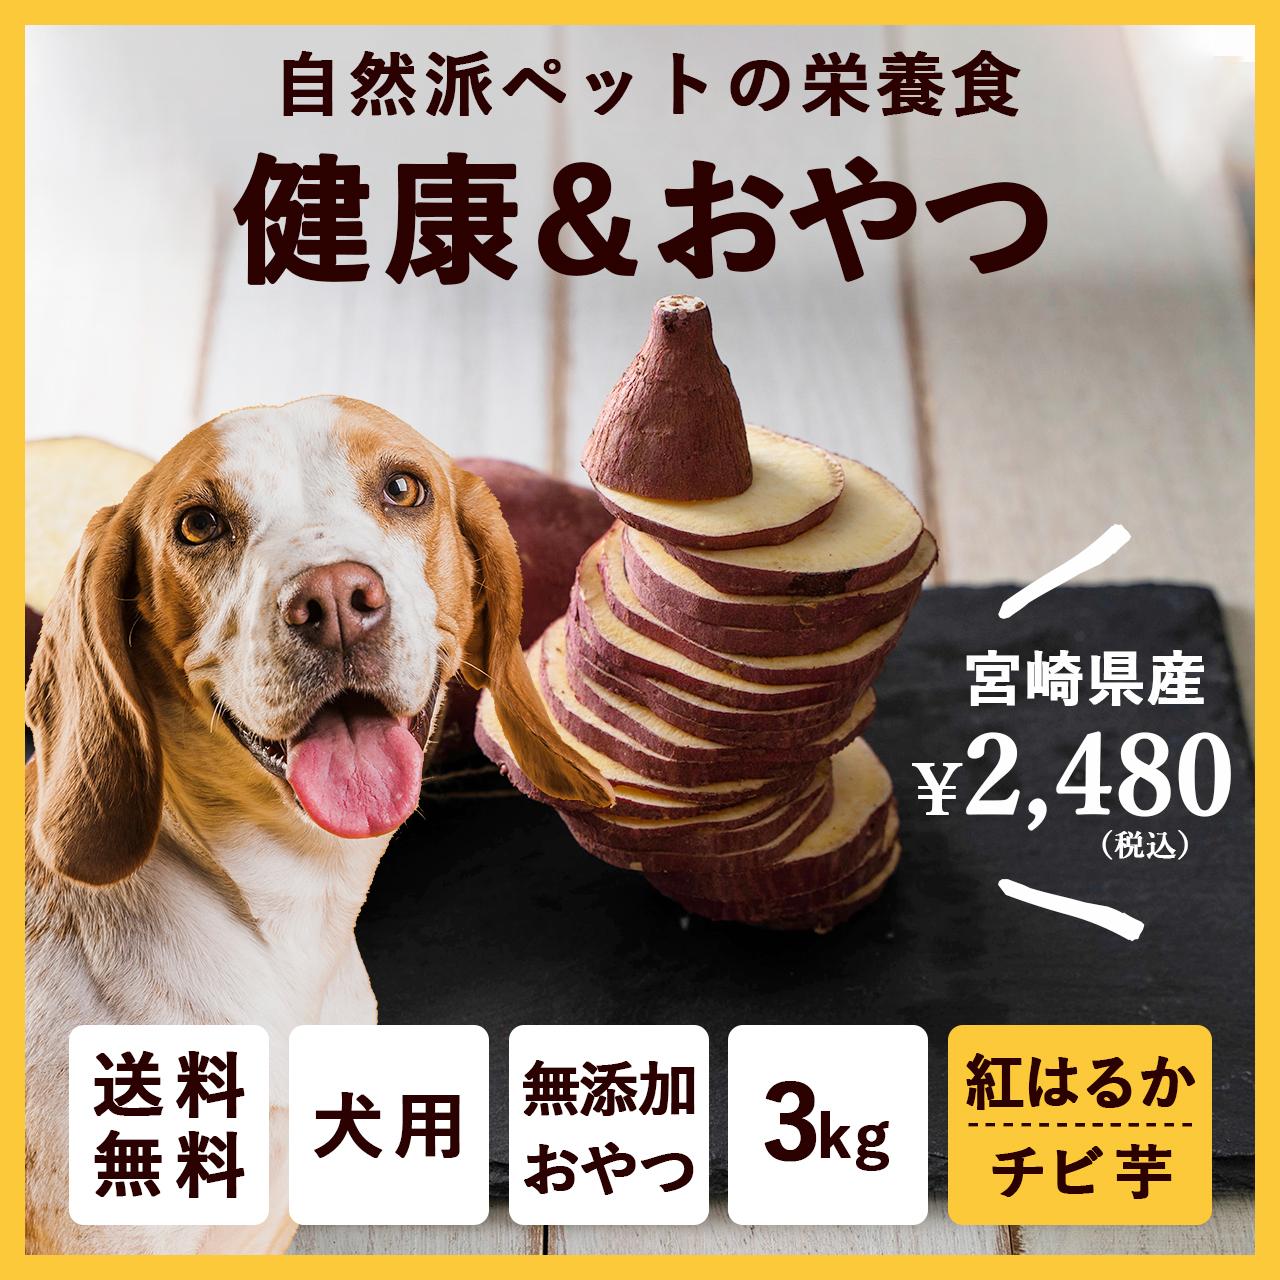 ペットのおやつ さつまいも 紅はるか 3kg 宮崎県産 熟成サツマイモ 生芋